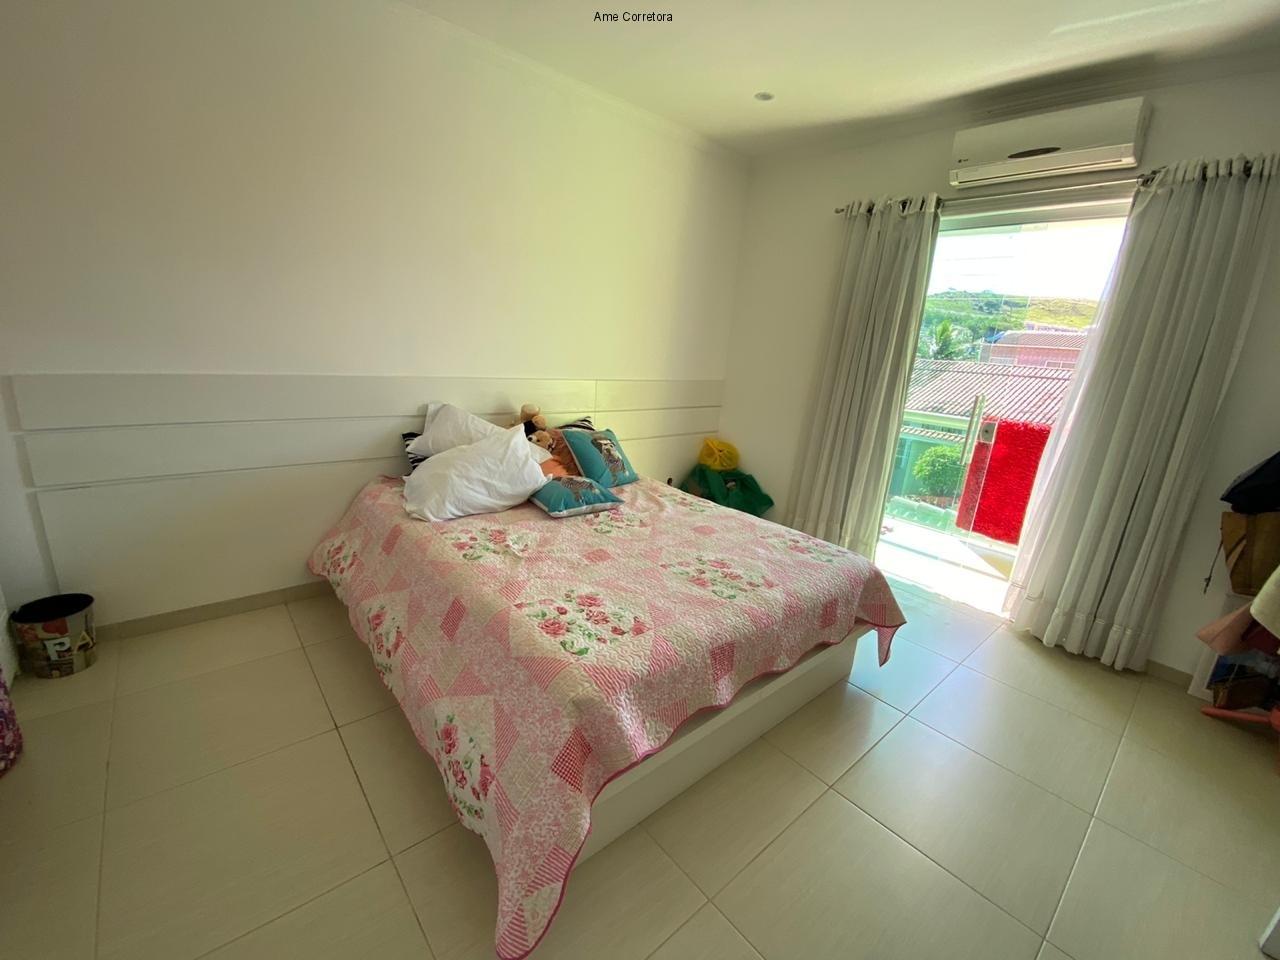 FOTO 13 - Casa 3 quartos à venda Rio de Janeiro,RJ - R$ 900.000 - CA00624 - 14